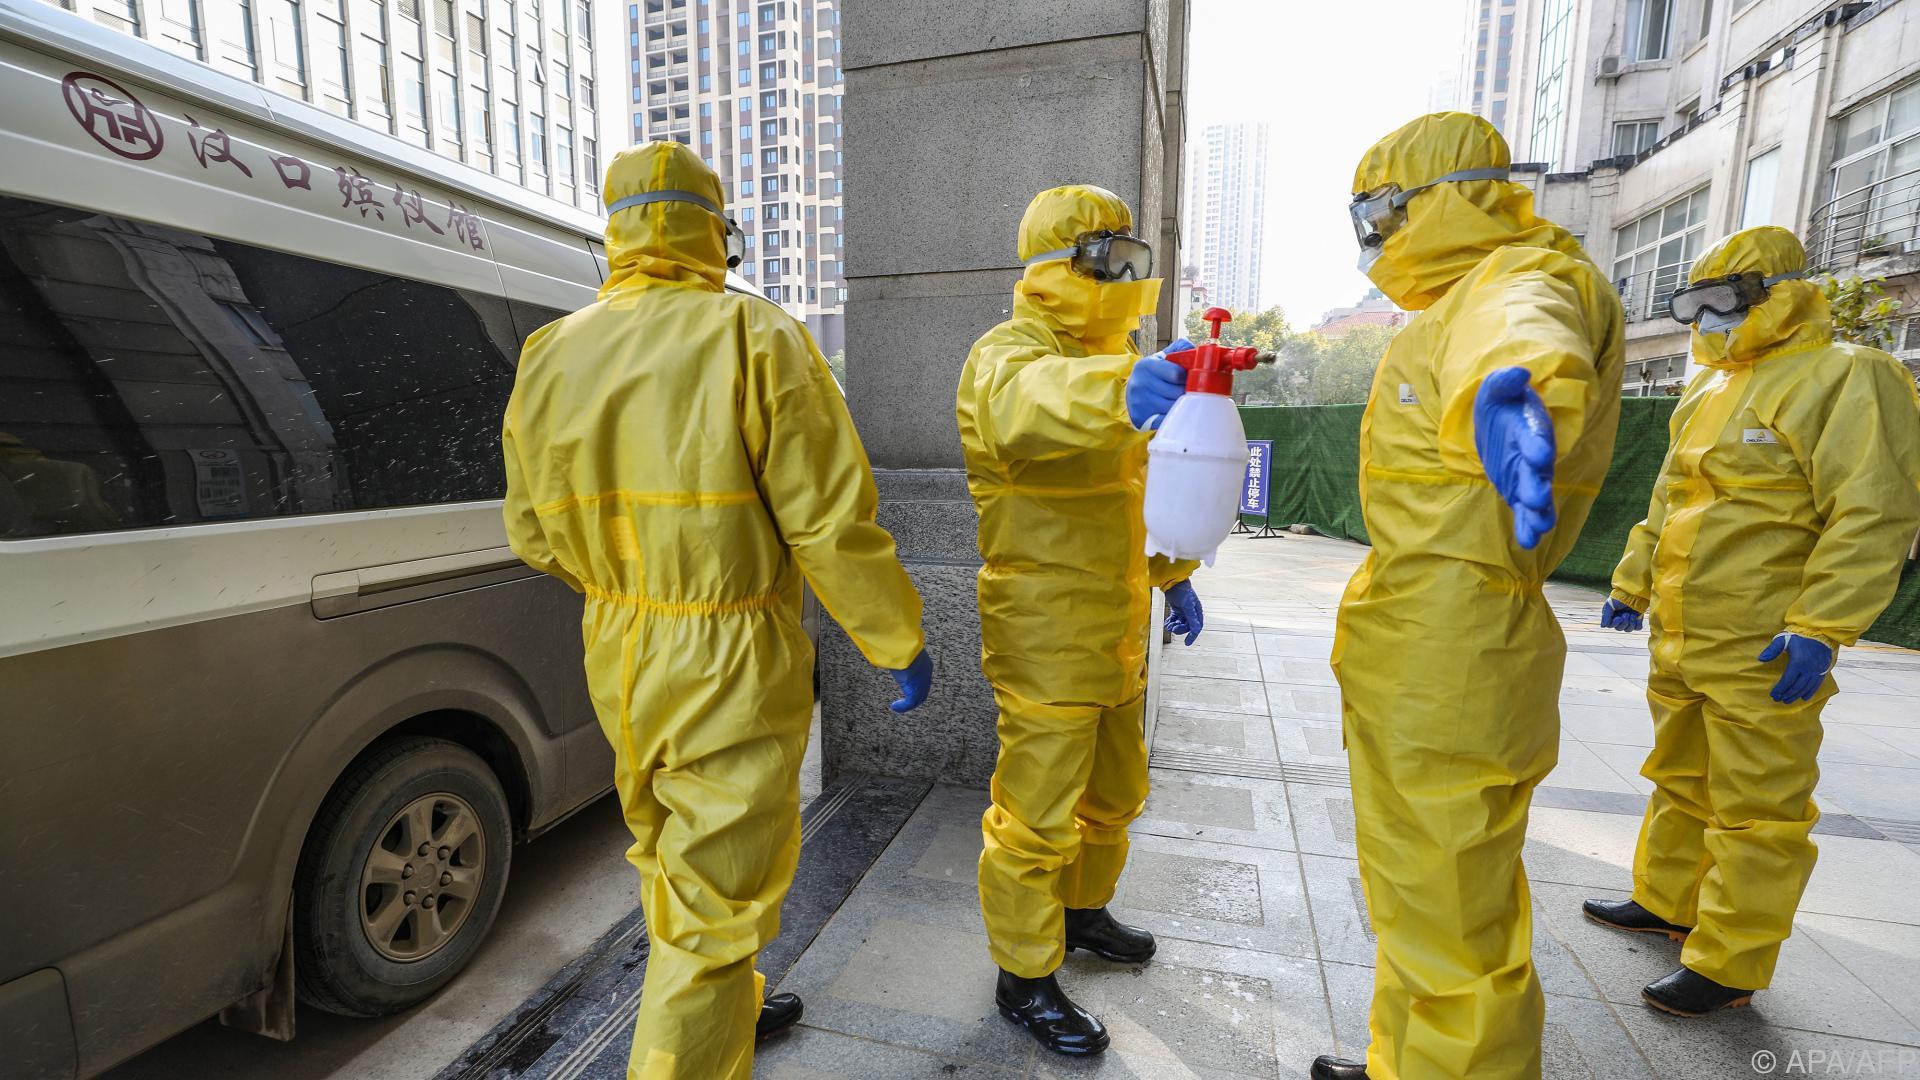 ألمانيا تسجل أكثر من 11 ألف إصابة و29 وفاة جديدة بفيروس كورونا خلال 24 ساعة